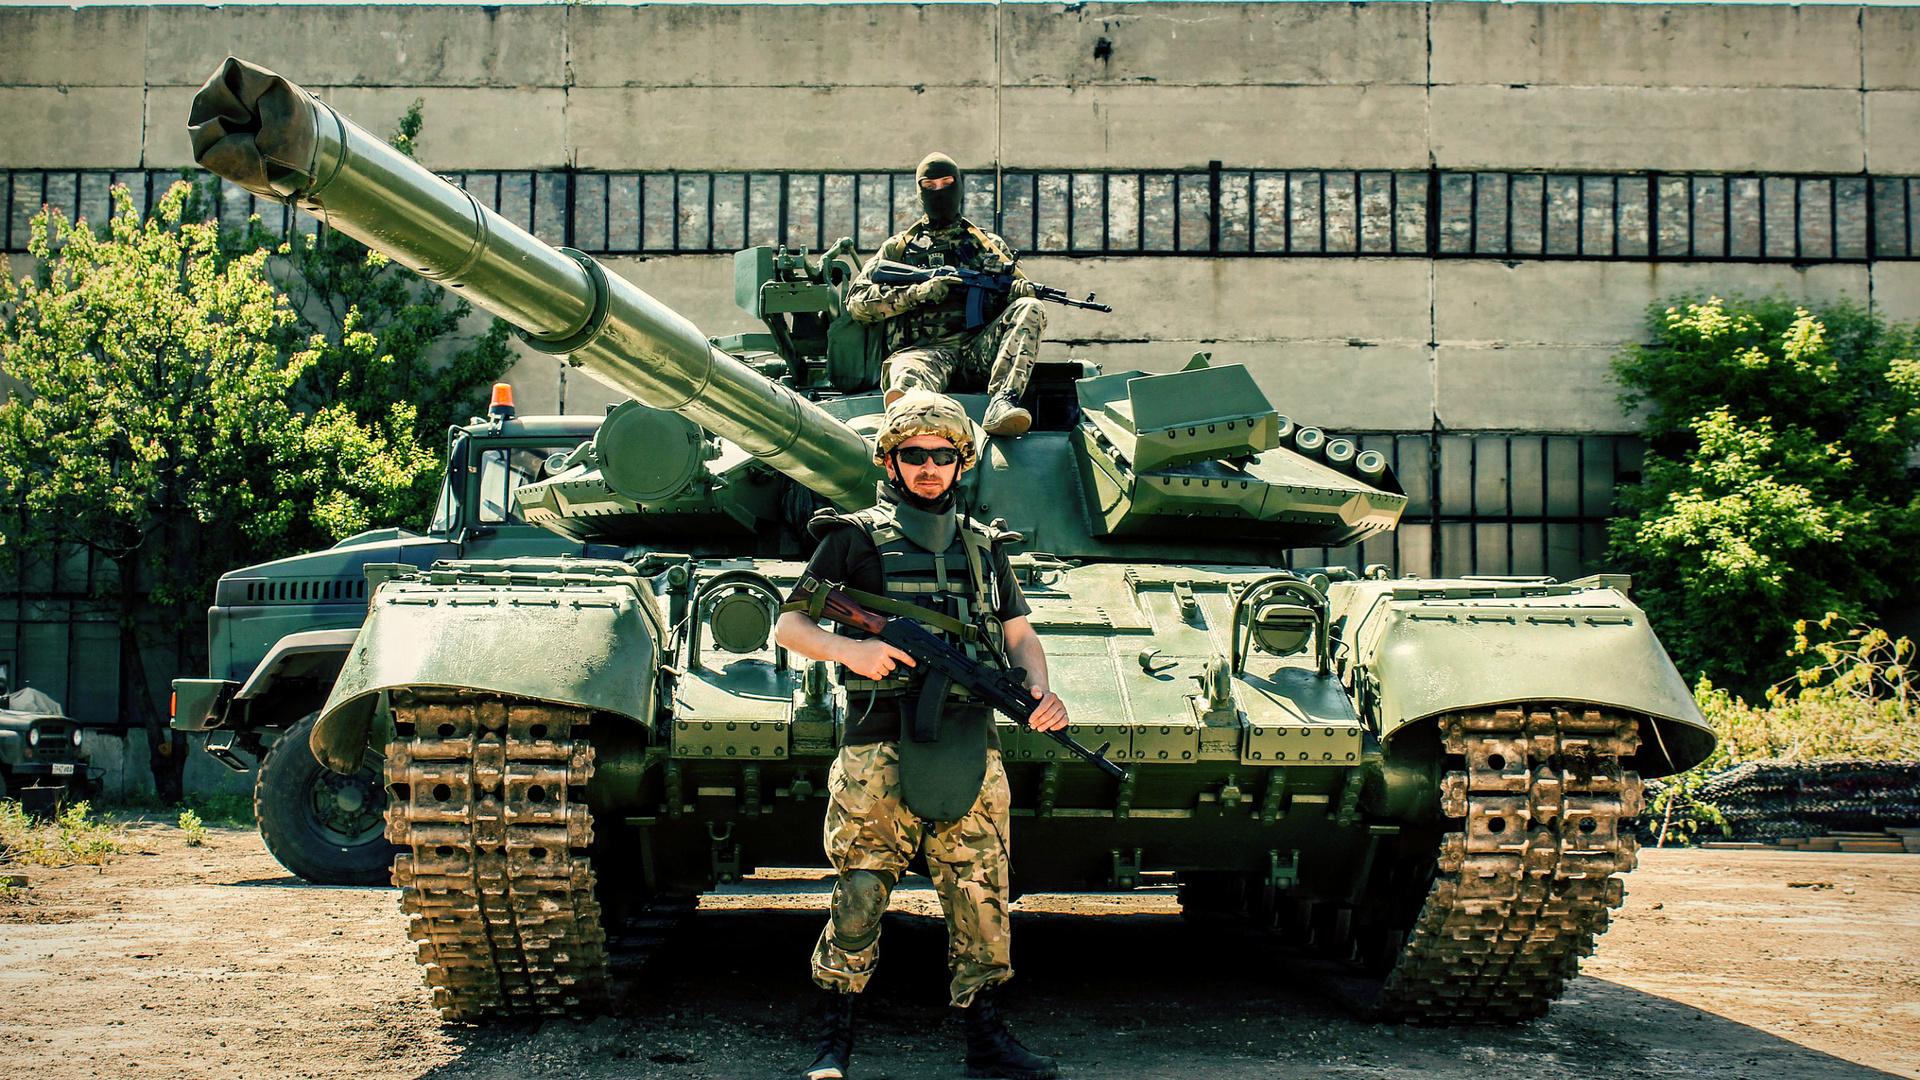 танк, т-64б1м, броня, защита, солдат, україна, воины, патриоты, укропитек обыкновенный